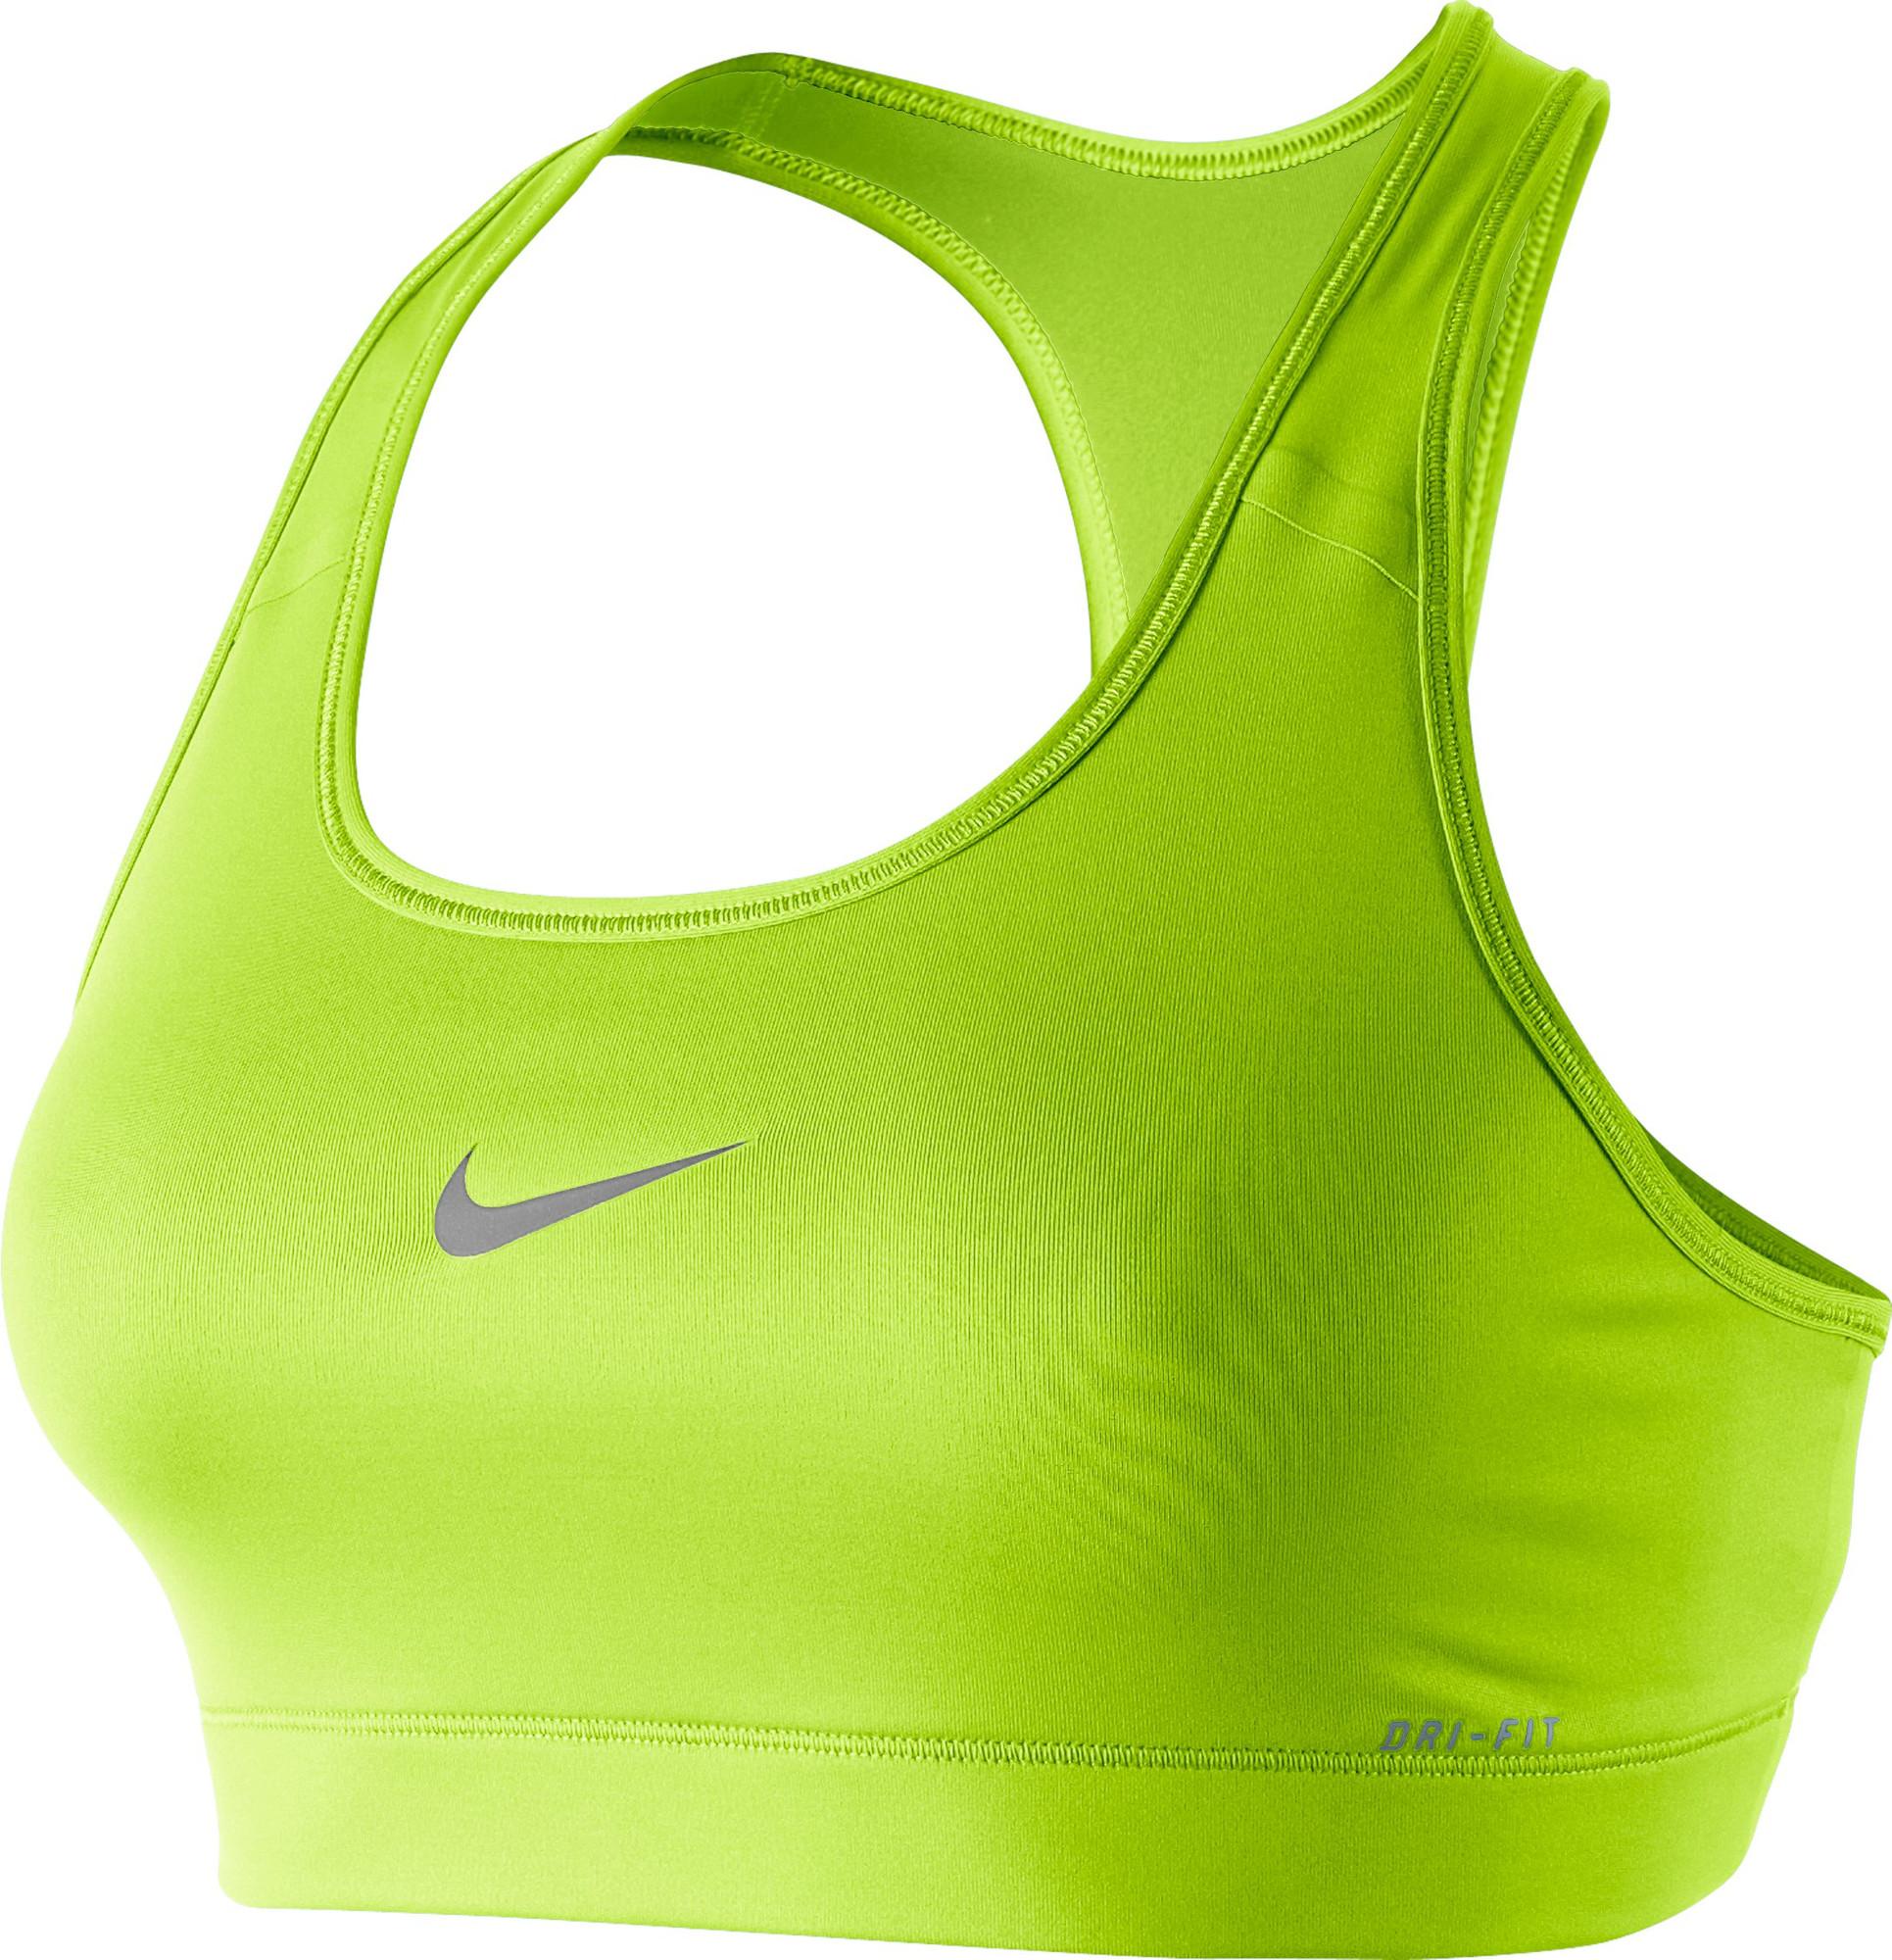 Nike Pro Victory Compression Sports Bra Giallo Donna